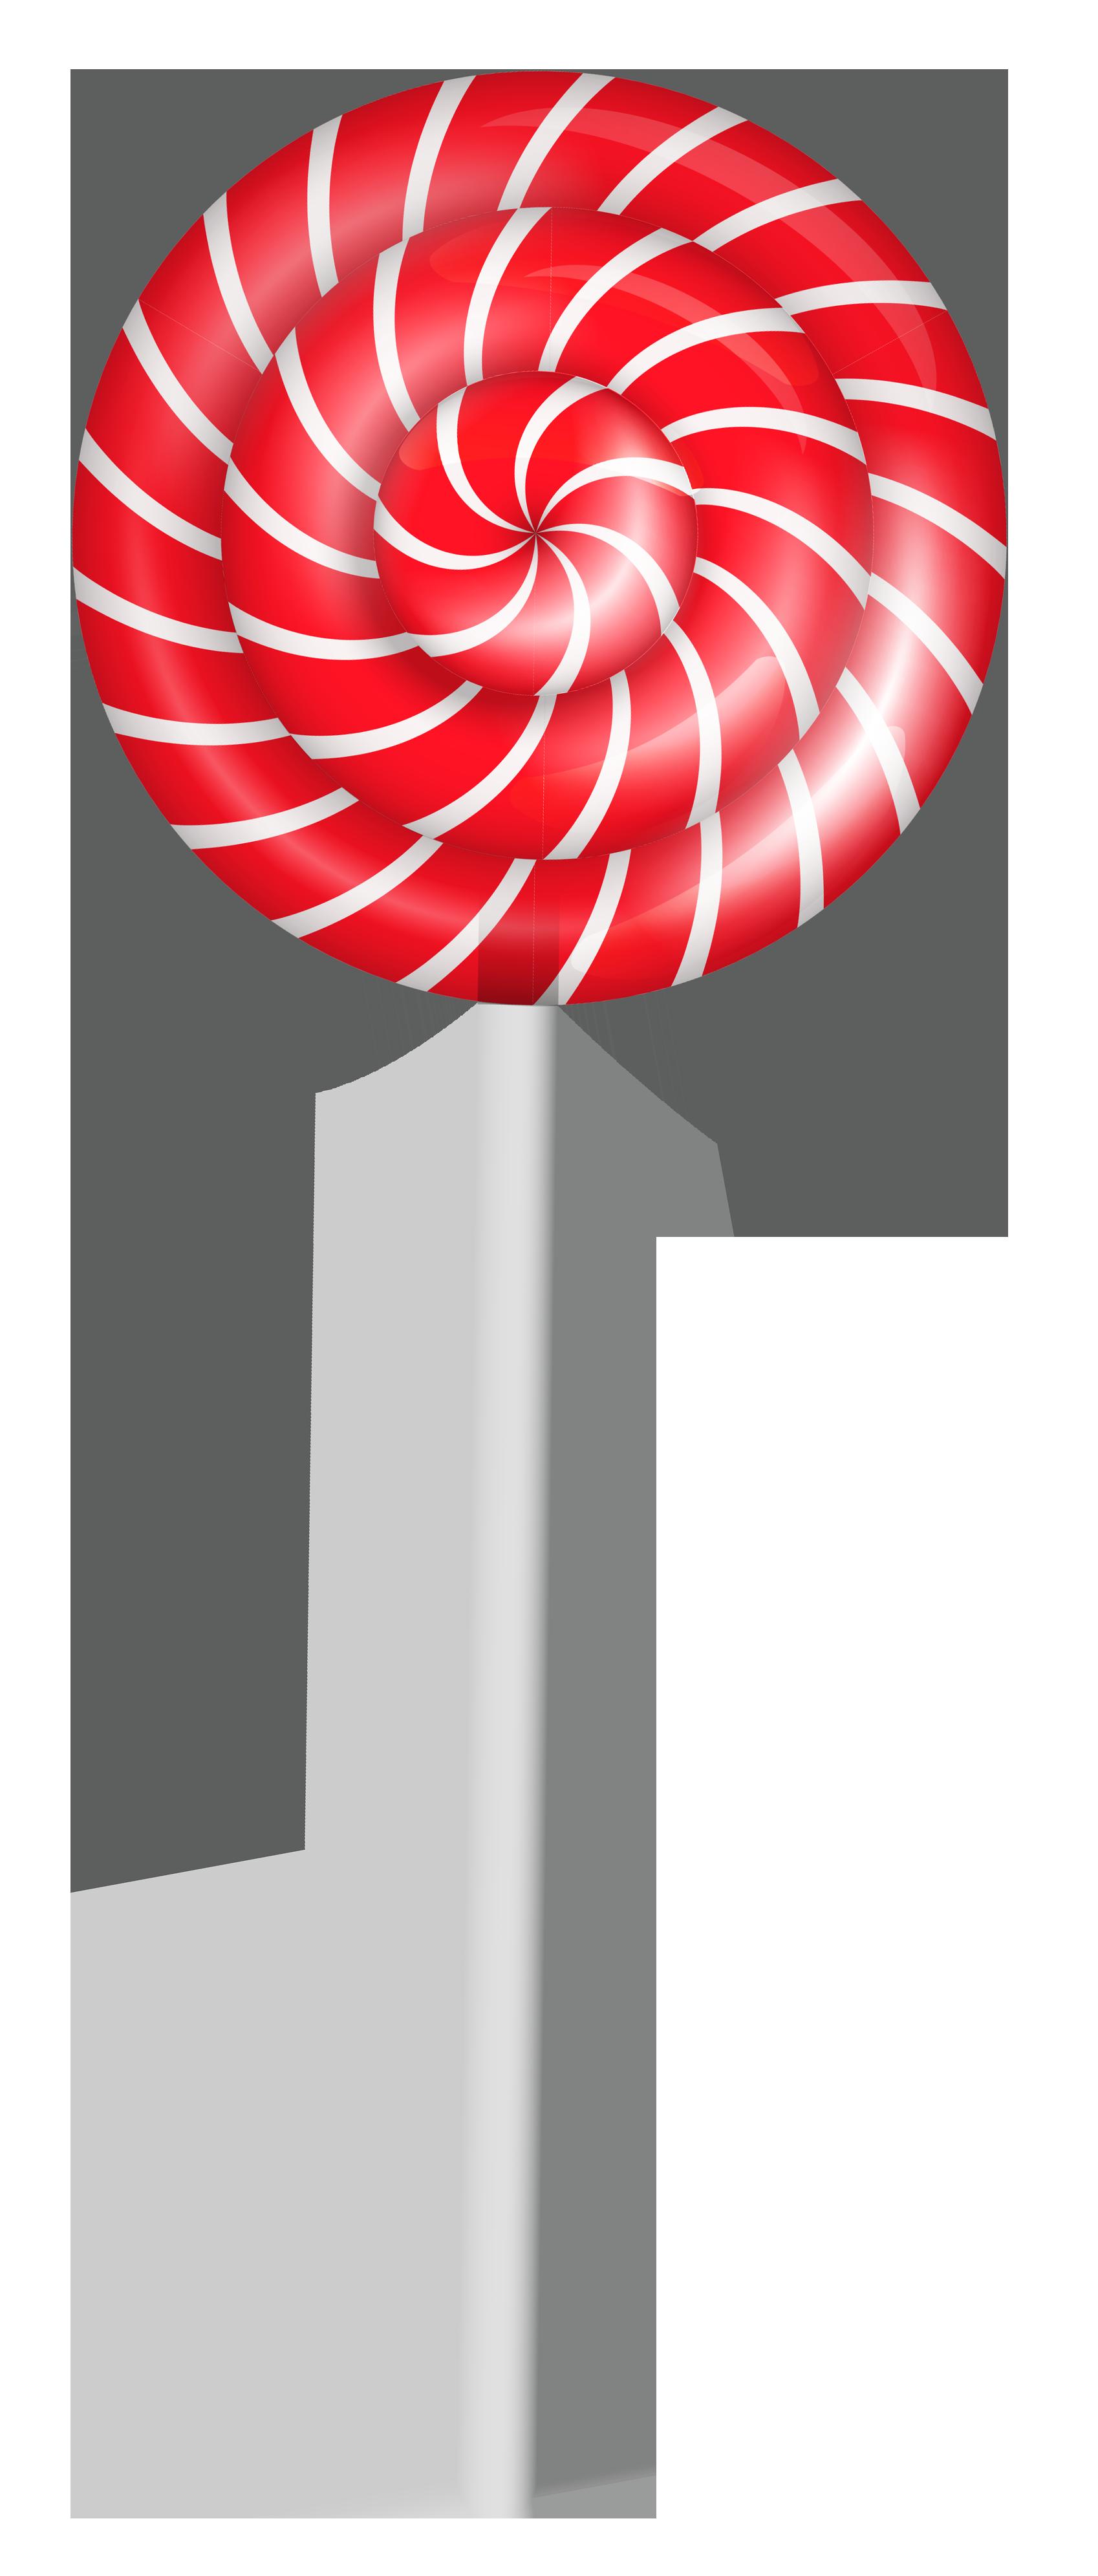 1698x3984 Clip art lollipop clipart image clipartix